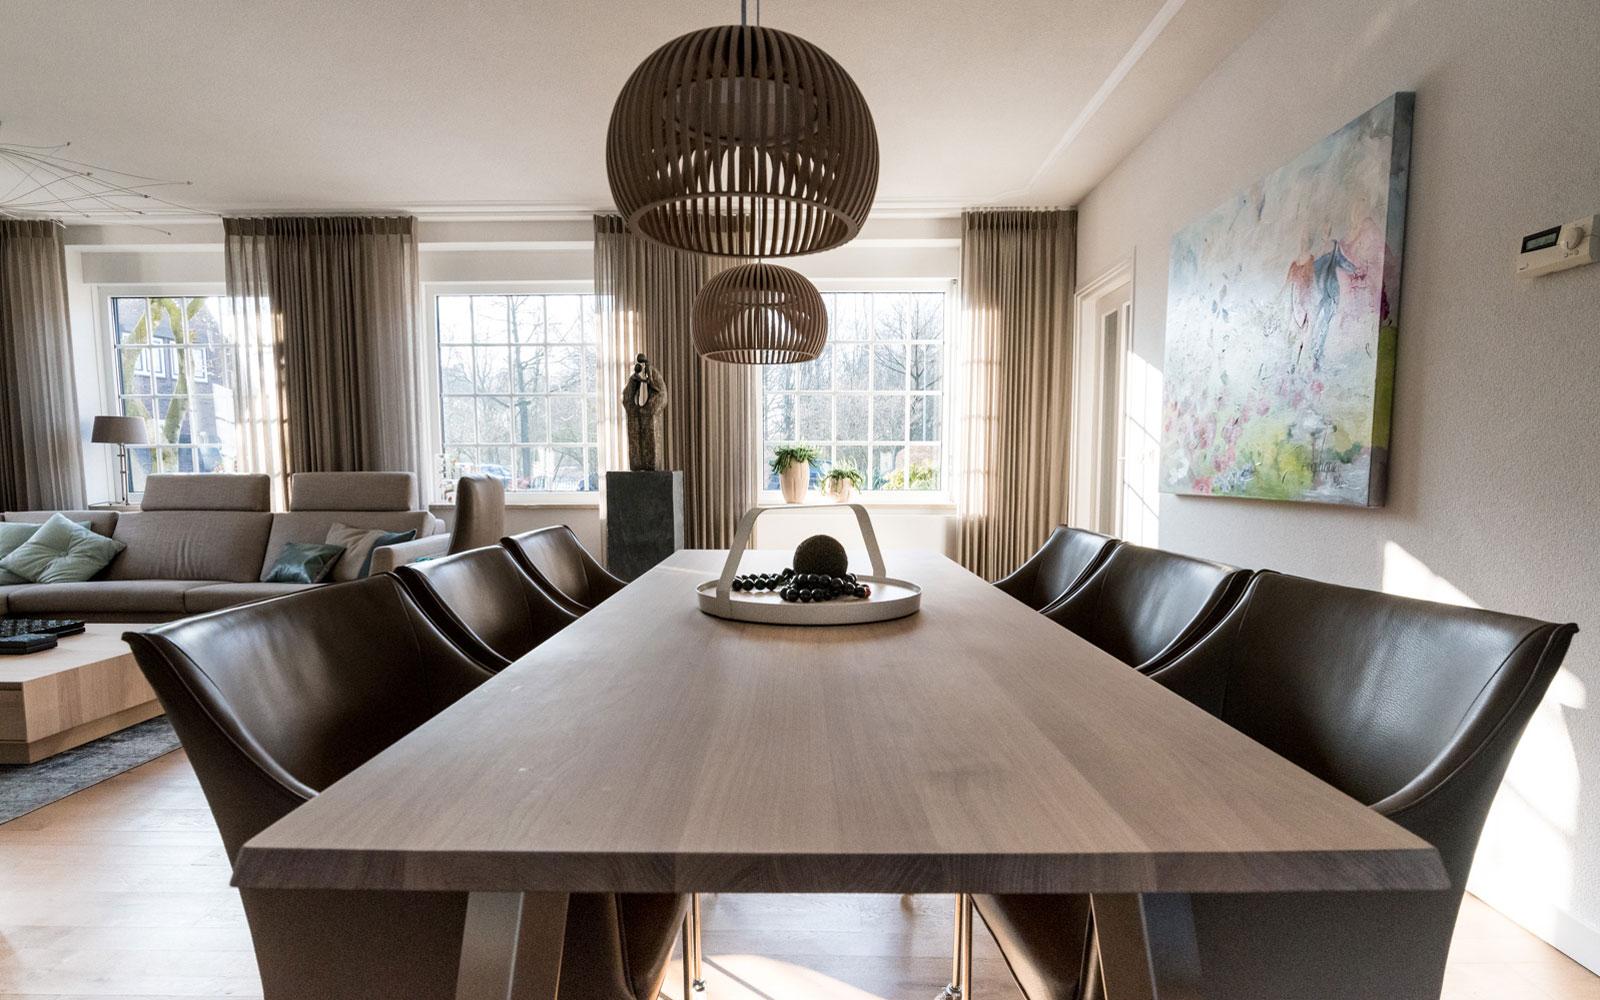 Woonkamer, eettafel, houten tafel, verlichting, Metamorfose interieur | MarStyling | Van Oort Interieurs